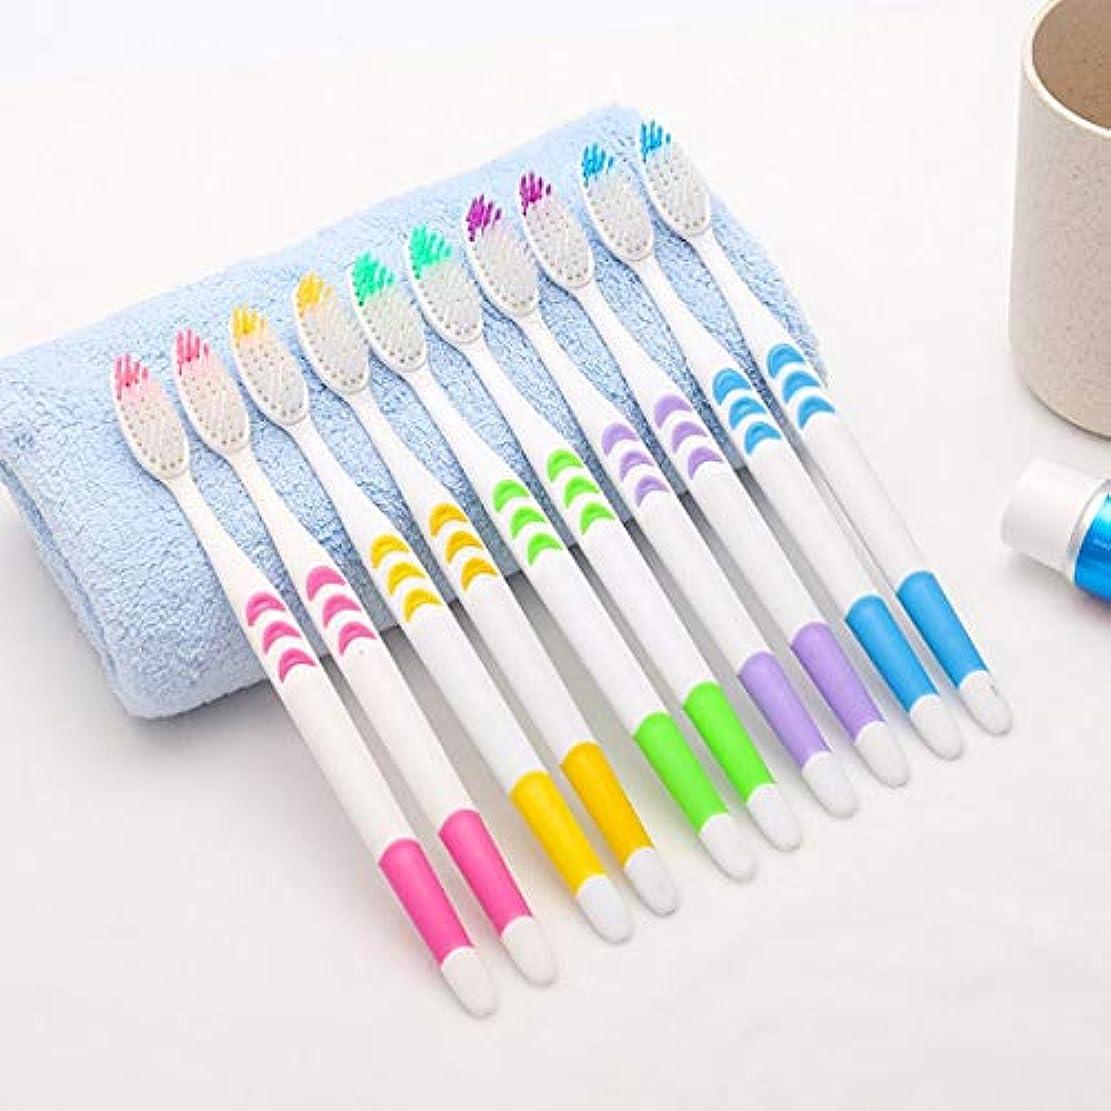 なだめる機関特徴づける10ピースセットホームファミリー大人の滑り止め歯ブラシポータブルソフト歯ブラシクリーニング歯ガードツール (PandaWelly)